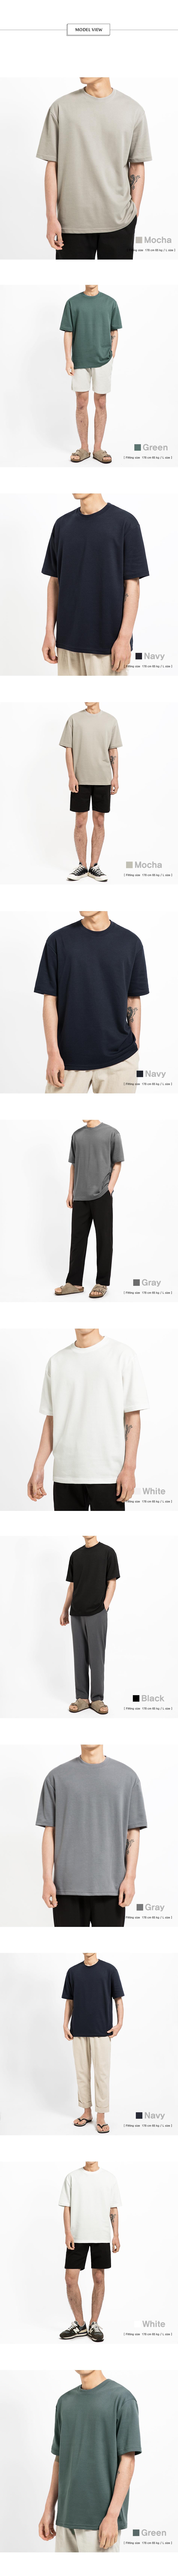 브렌슨(BRENSON) (패키지)루즈핏 소프트워싱 더블코튼 반팔 티셔츠